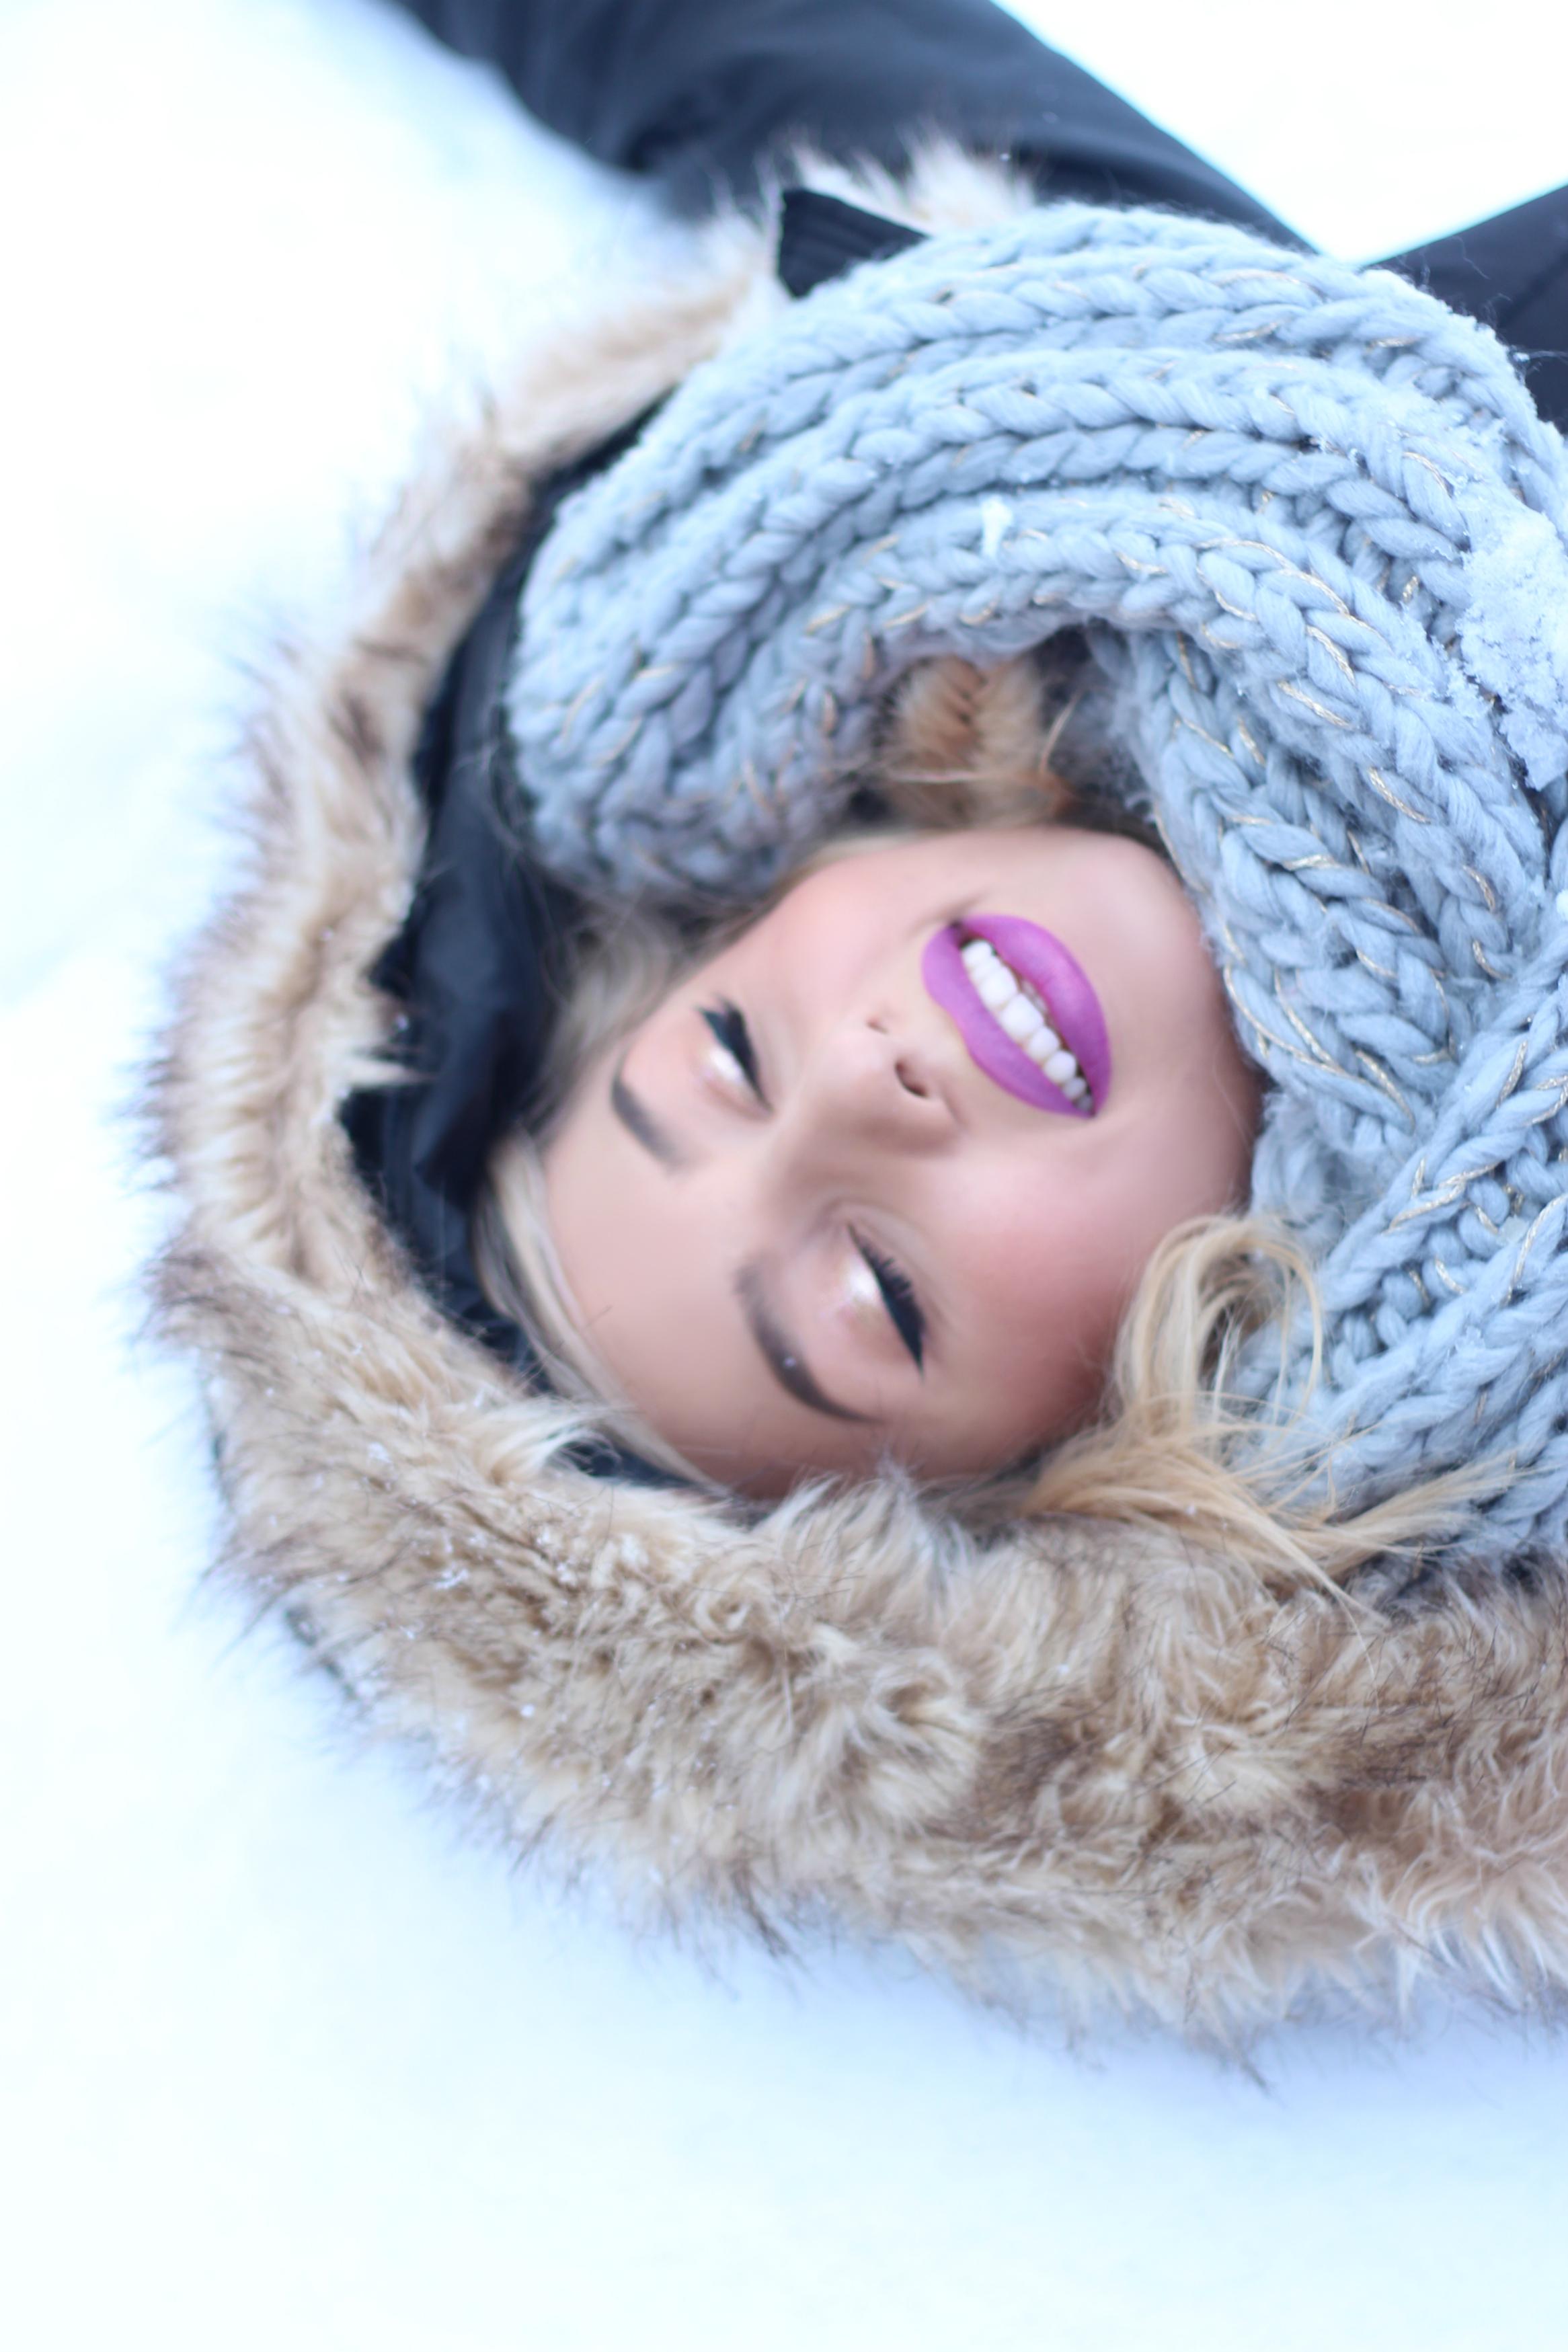 Diana Rogo in Snow